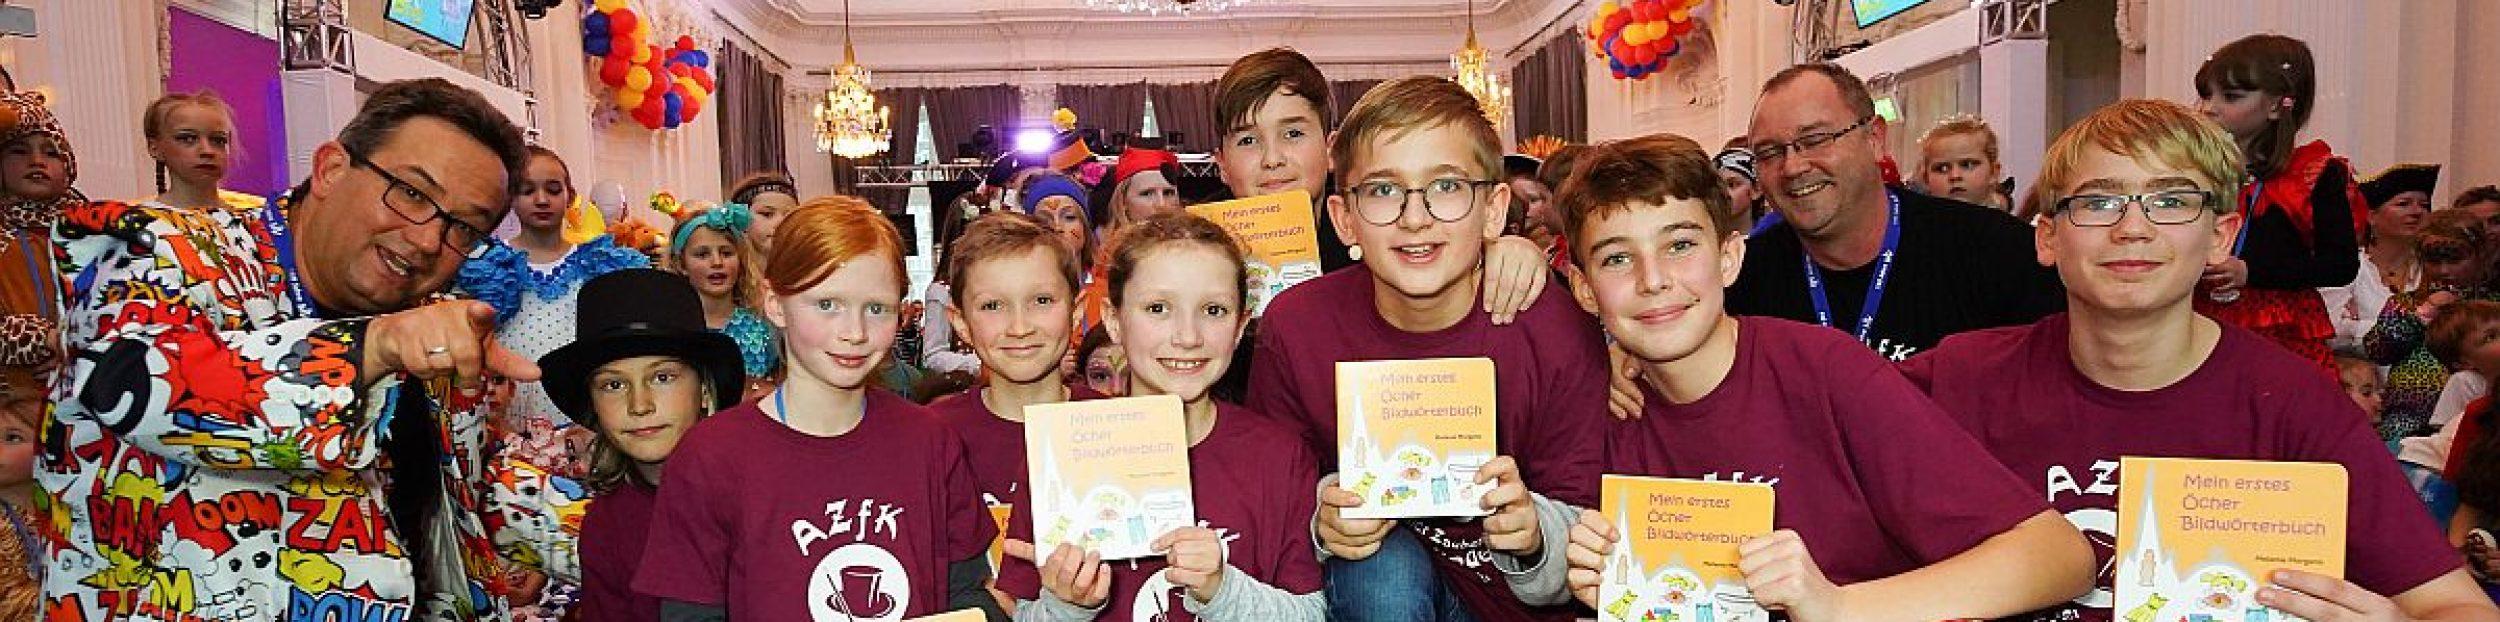 AZfK | Aachener Zauberschule für Kinder & Erwachsene